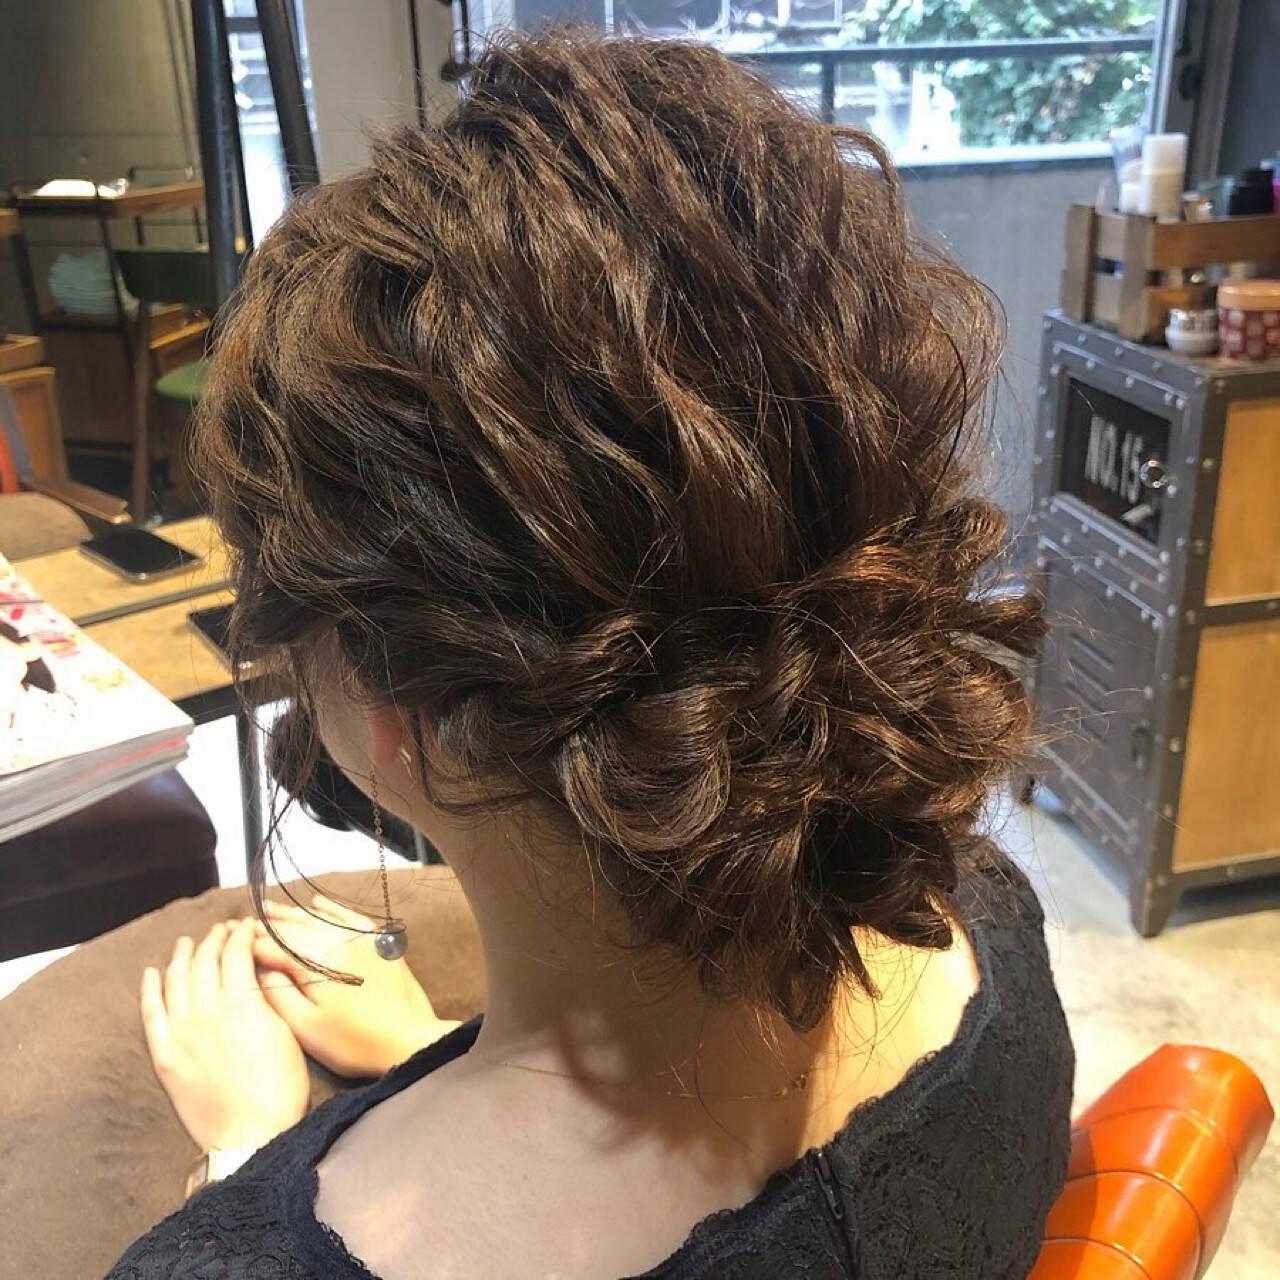 結婚式アレンジ 二次会ヘア ナチュラル 二次会アレンジヘアスタイルや髪型の写真・画像